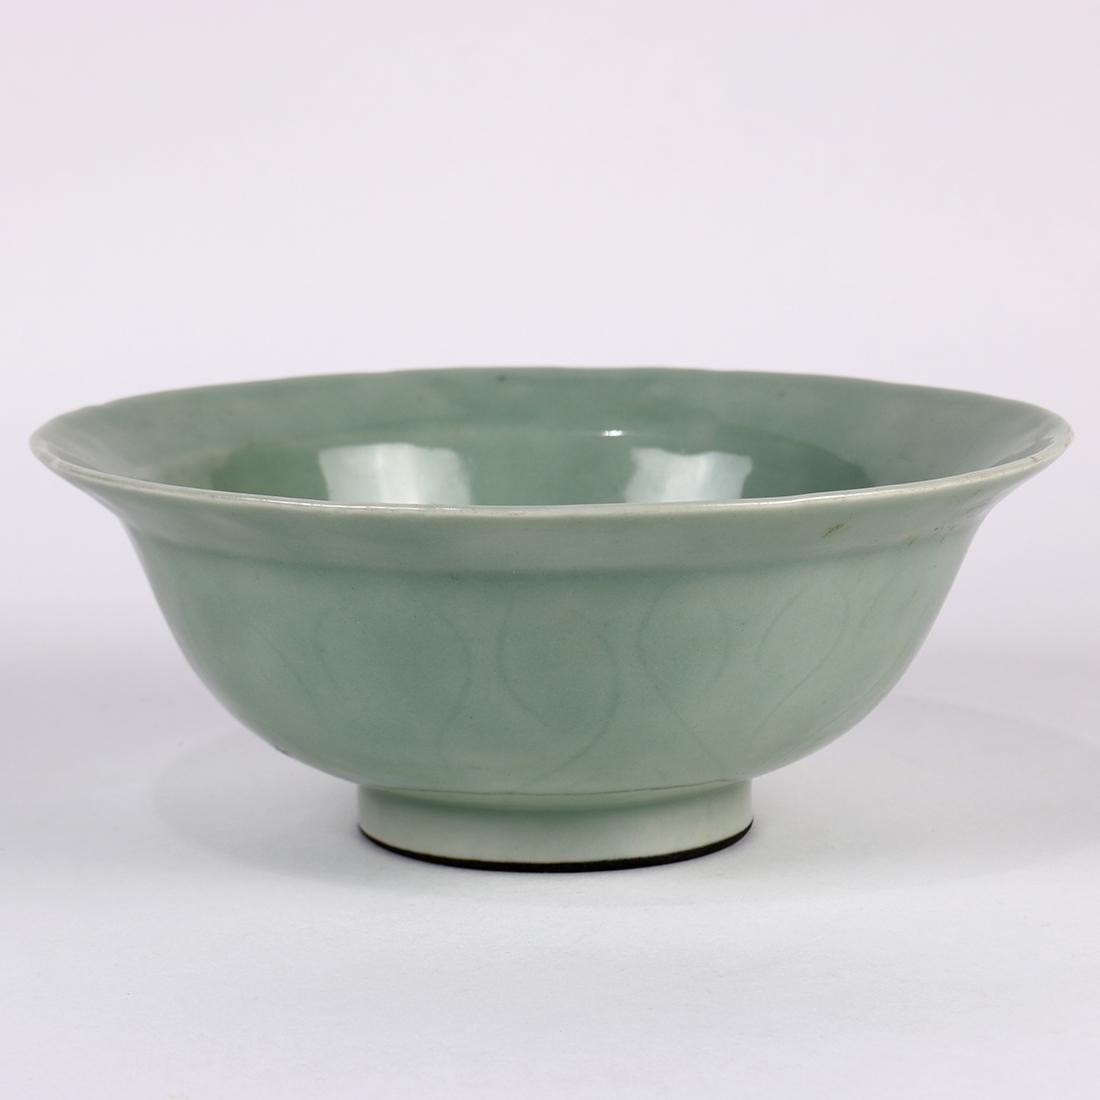 Chinese Celadon Glazed Bowl - 4